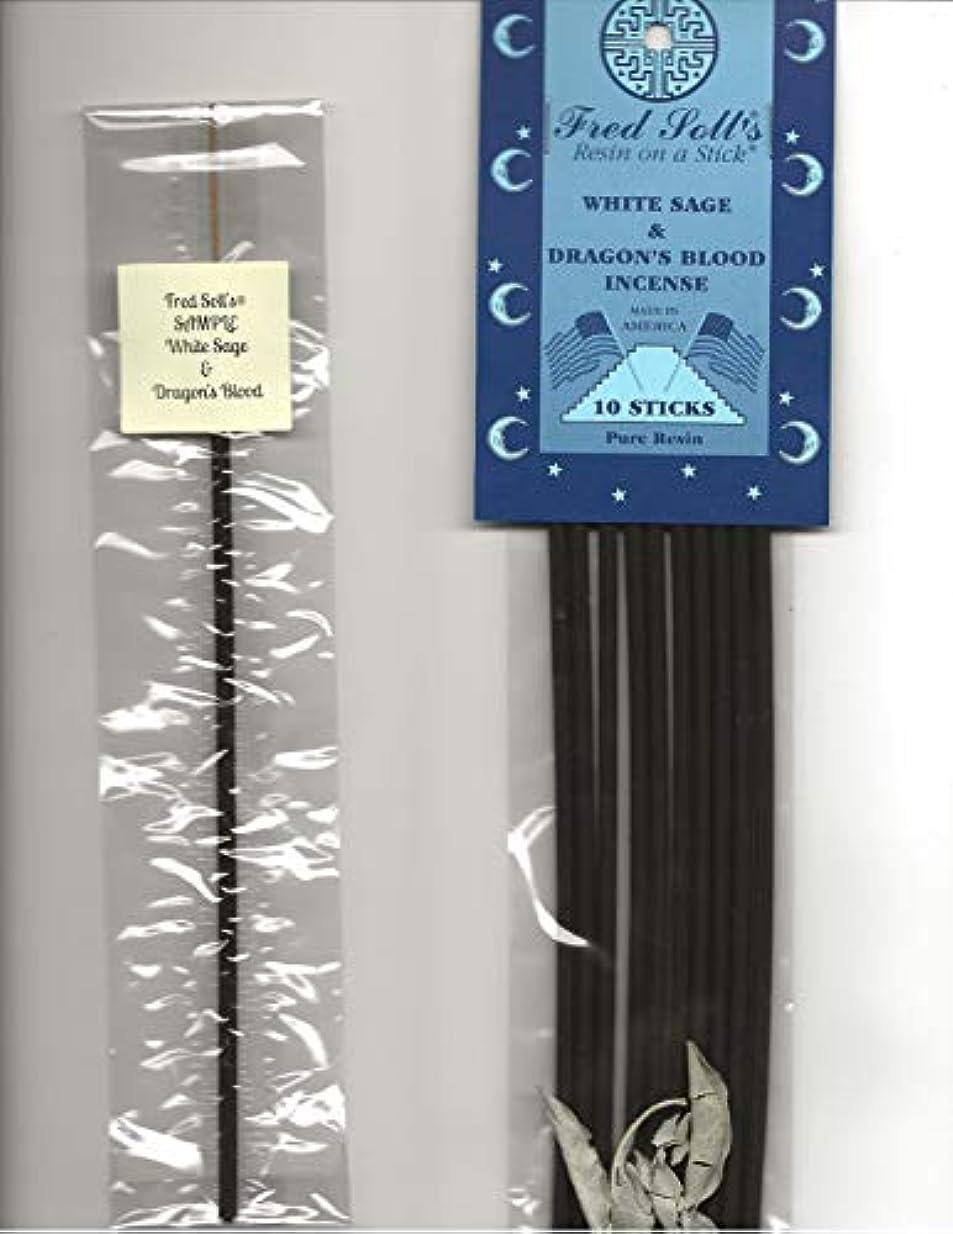 下マーキークライマックスFRED SOLL'S 樹脂製インクオンザスティックホワイトセージ&ドラゴンブラッドインセンス 1 STICK